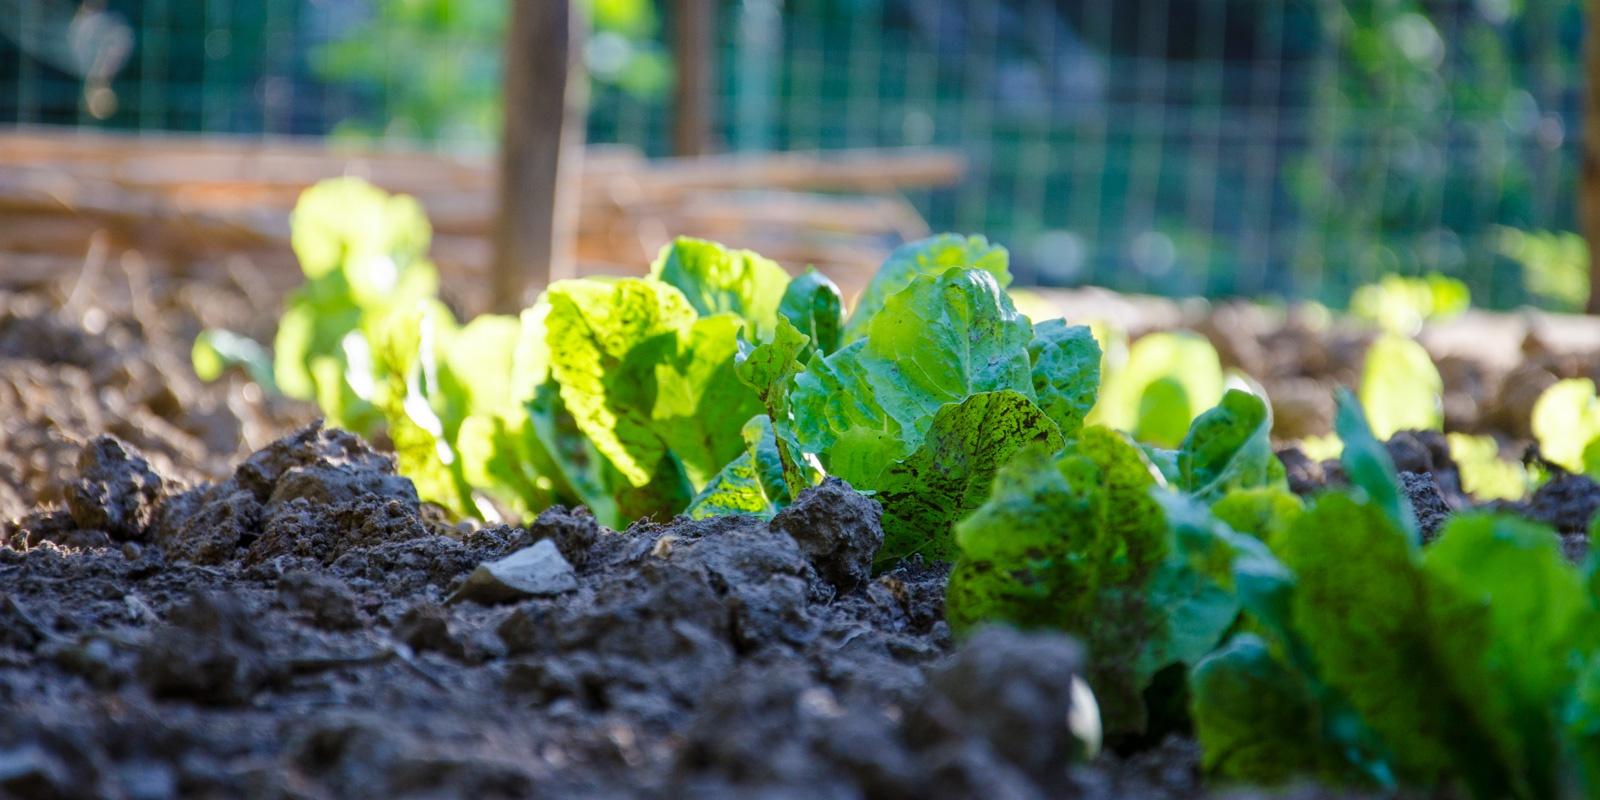 Filiera corta e biologico nel territorio fiorentino: la nostra indagine